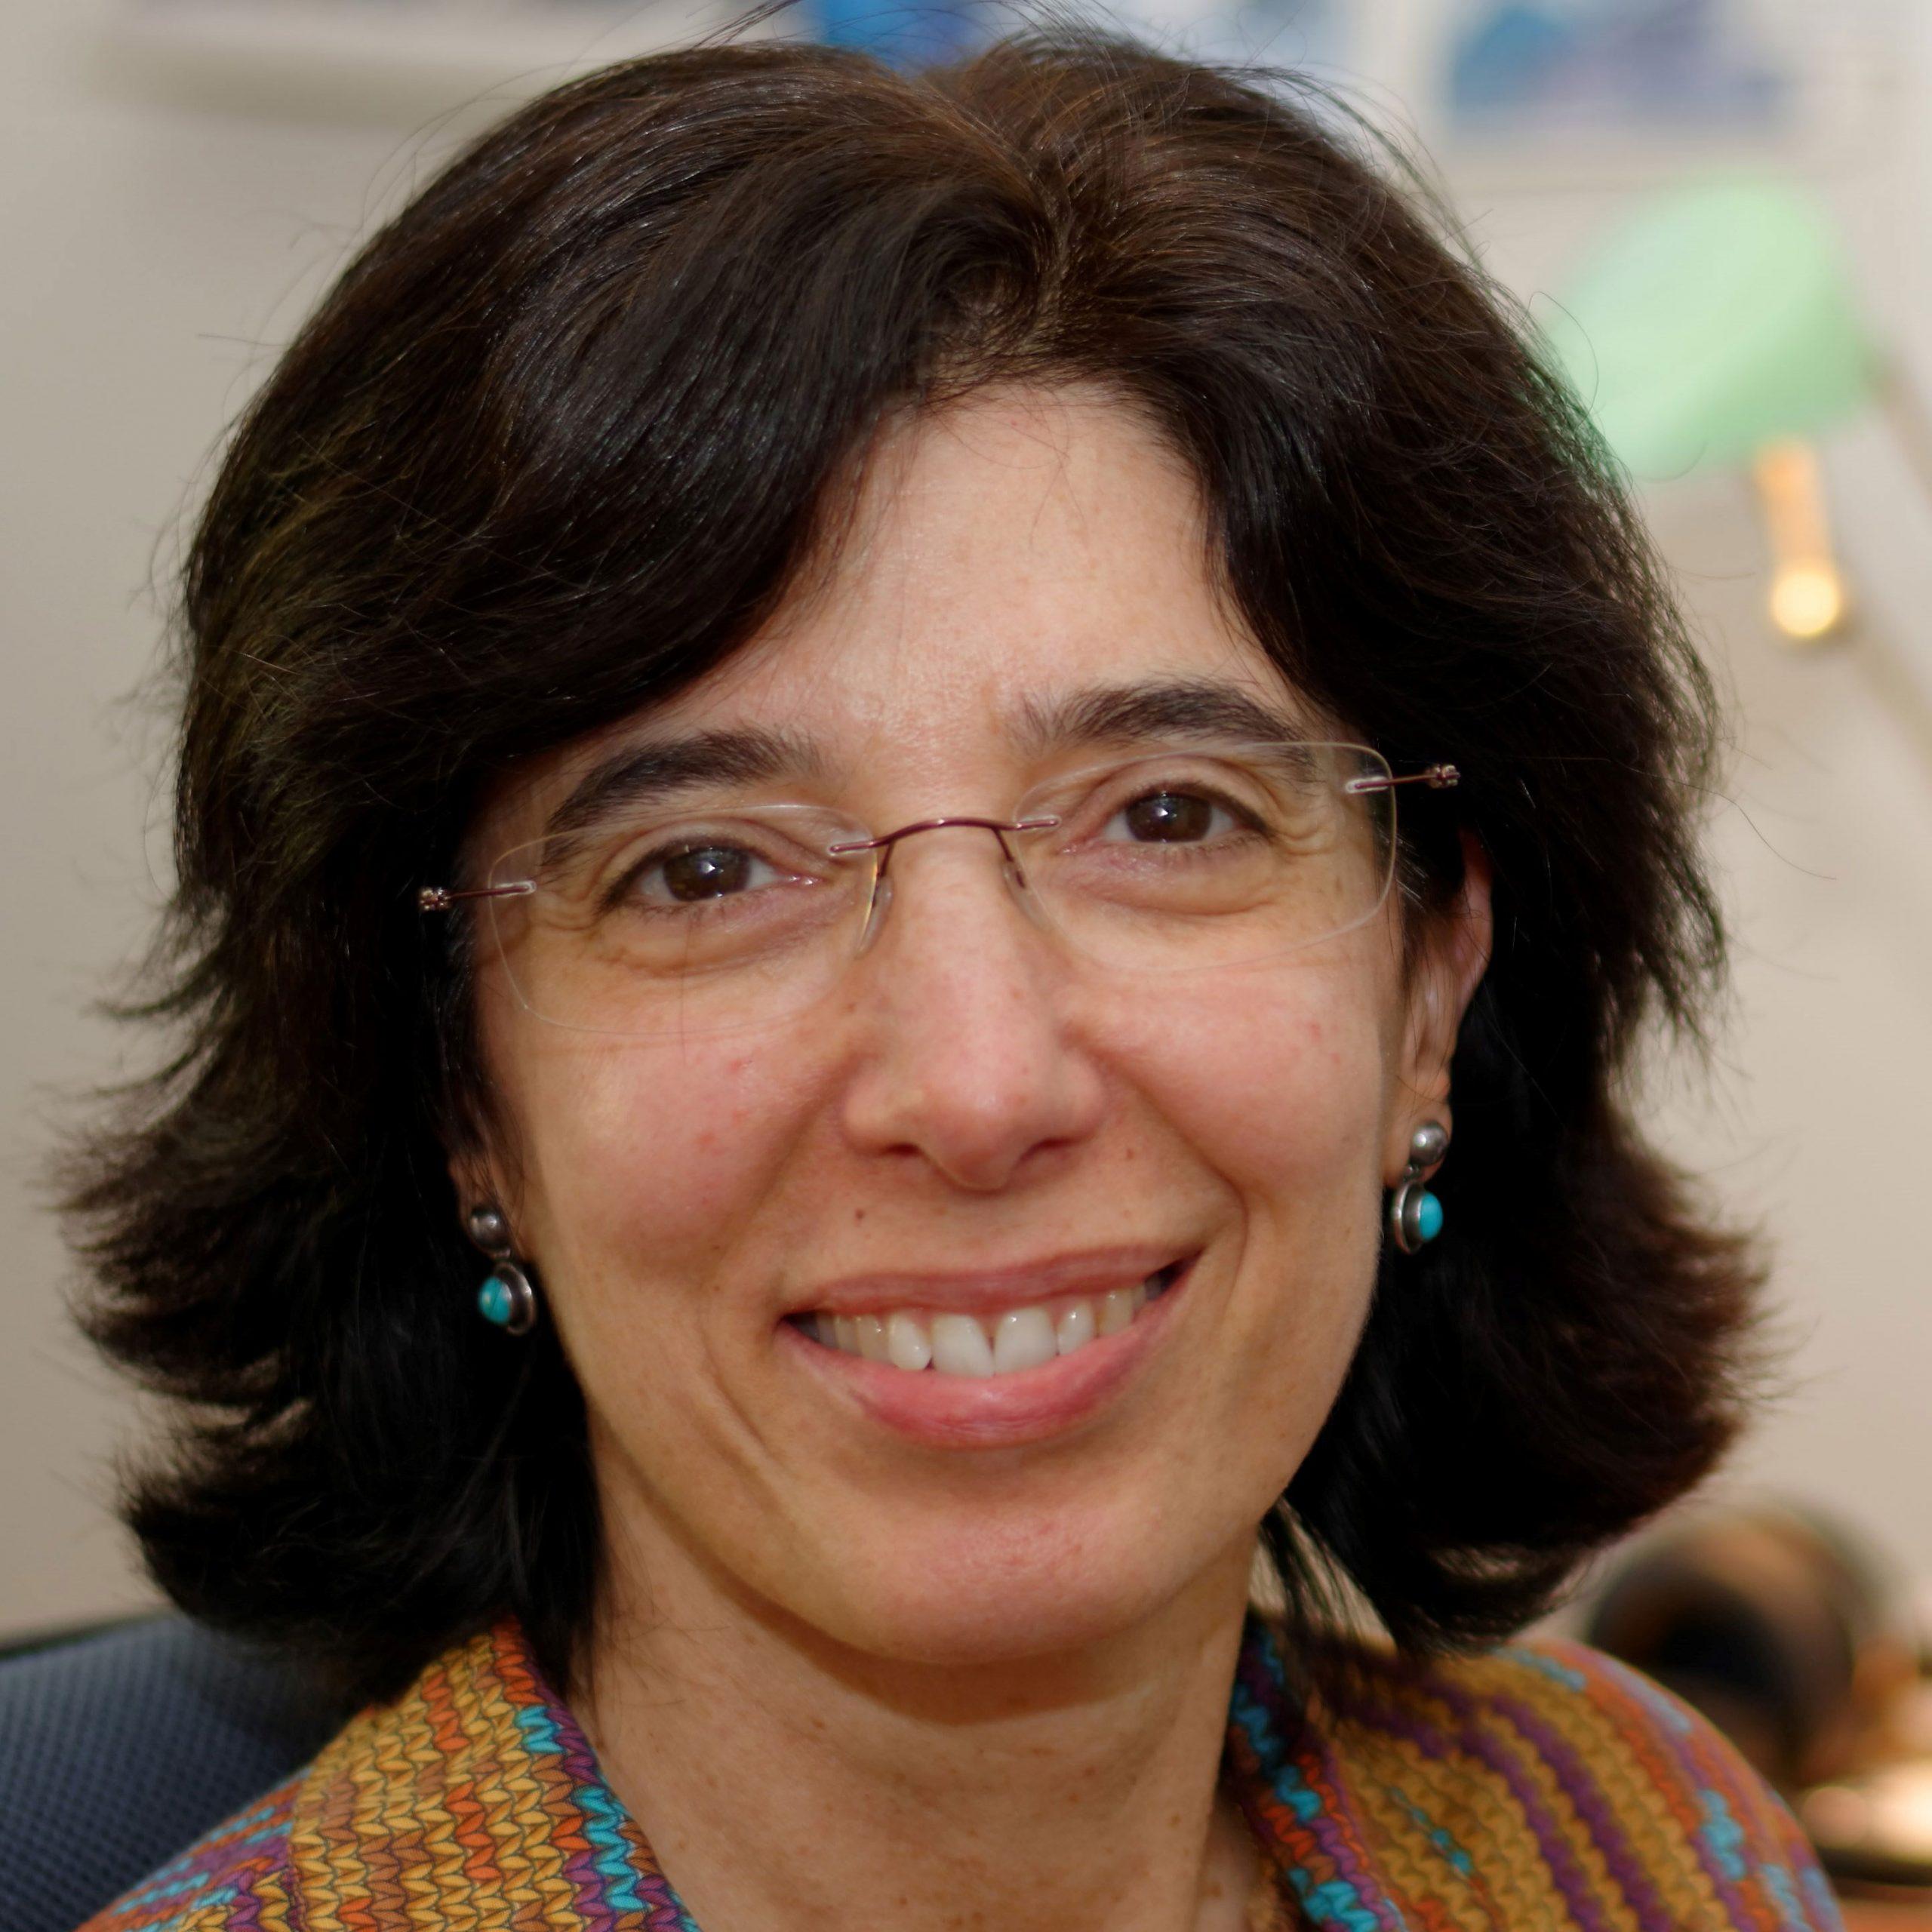 Paula Freire scaled